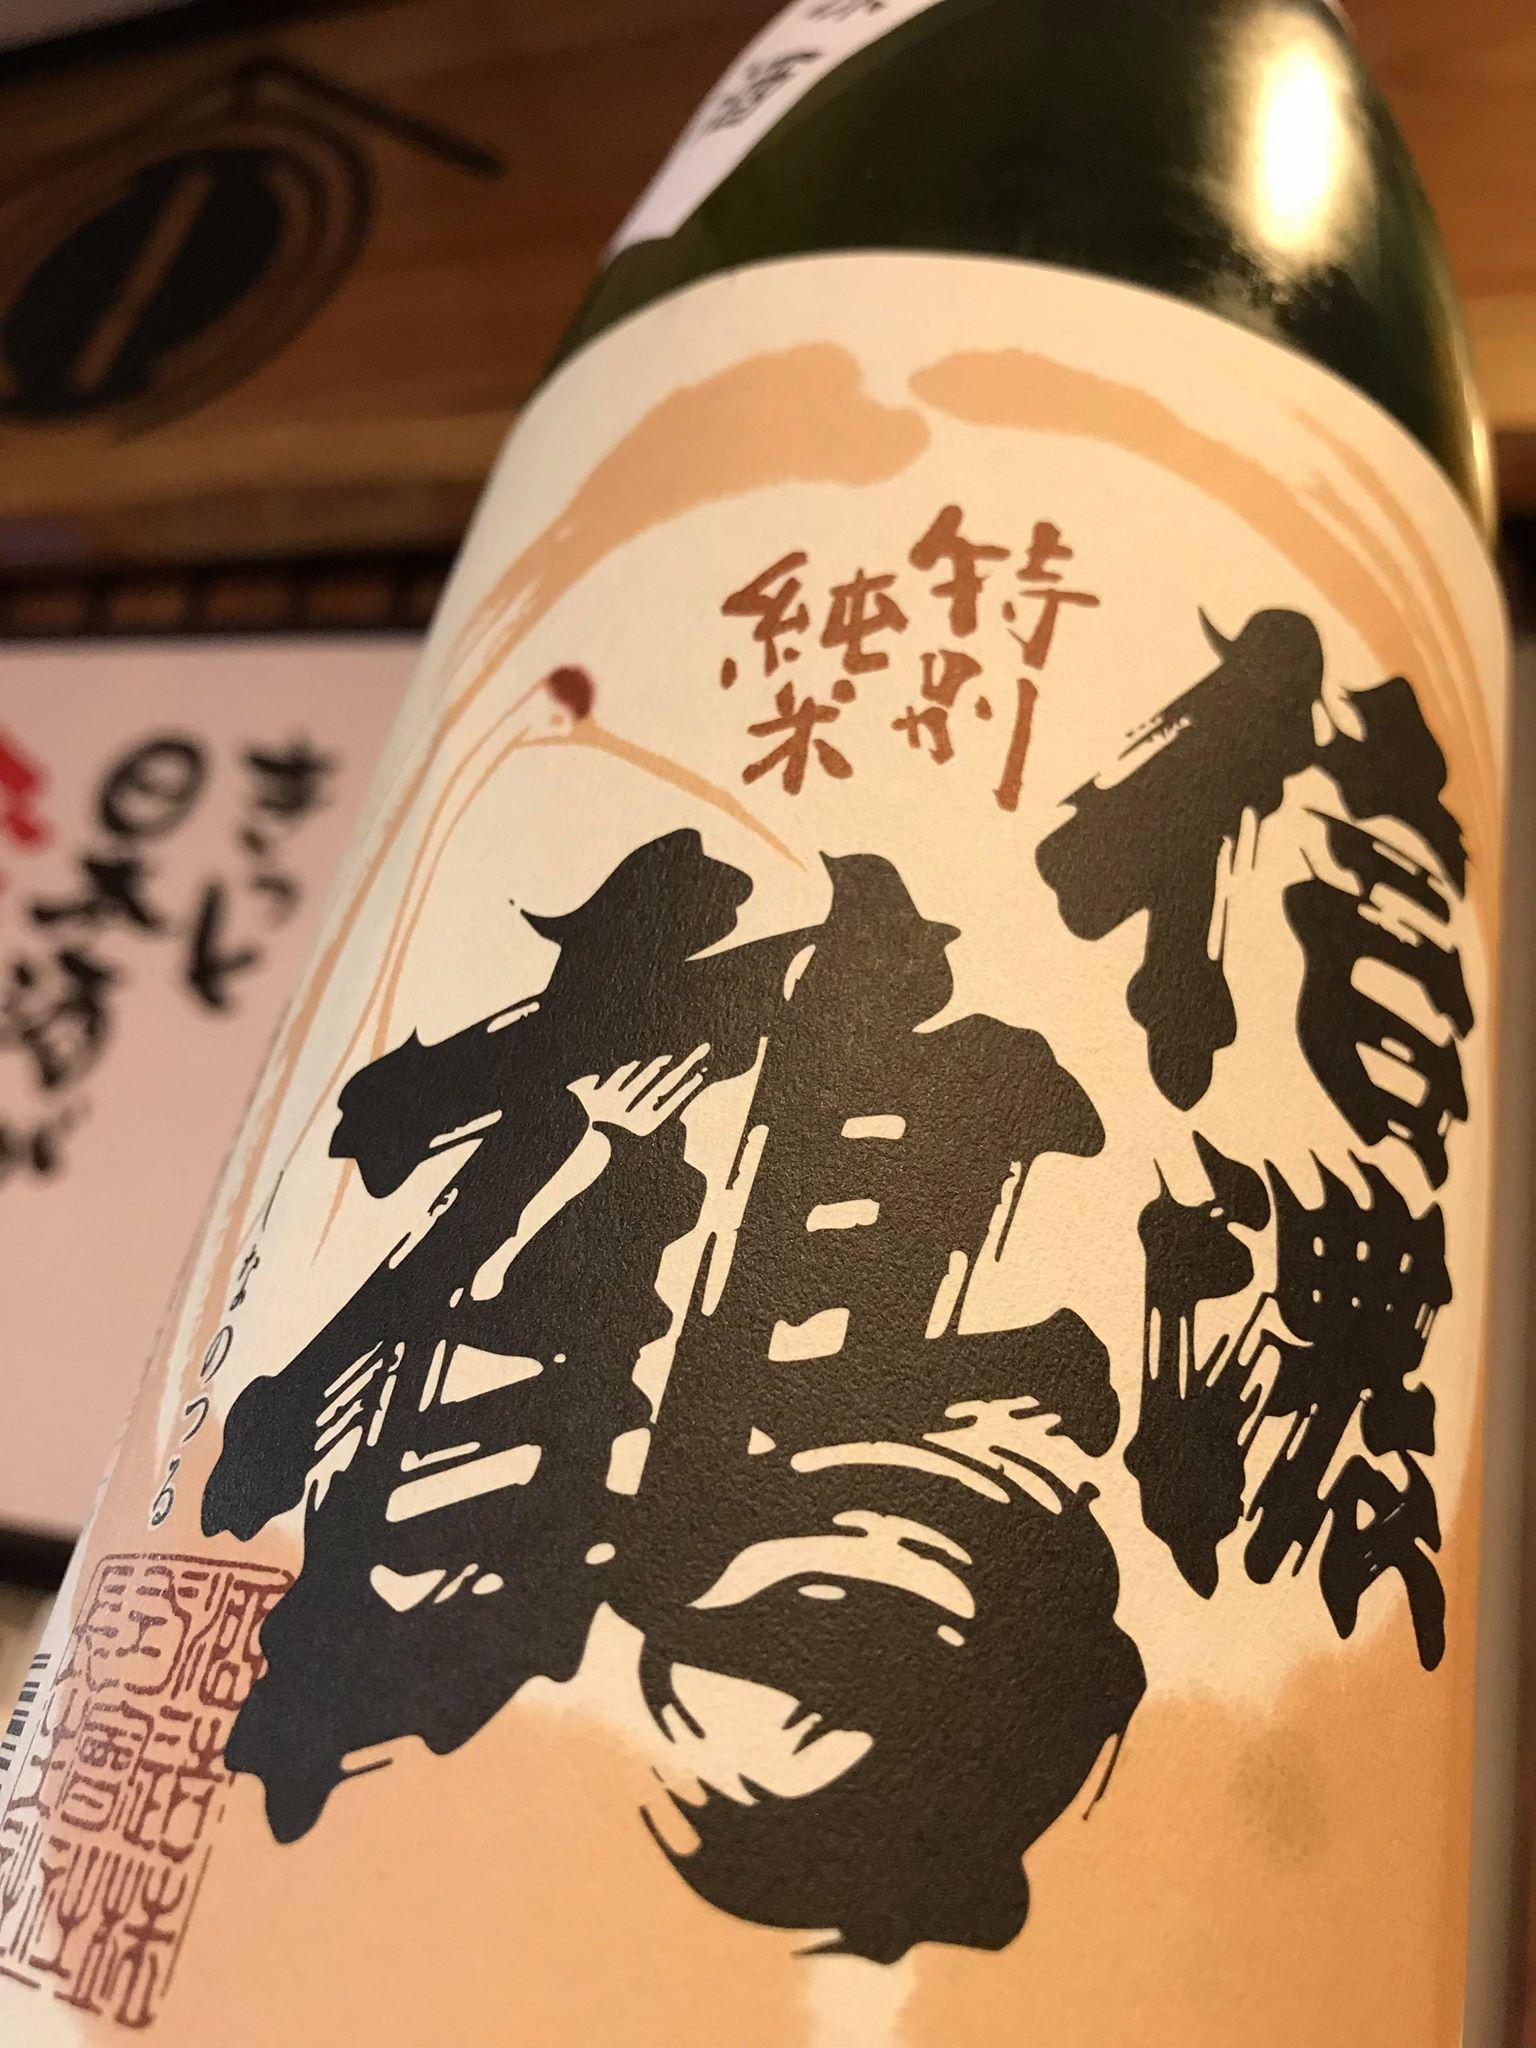 【日本酒】信濃鶴 特別純米 無濾過生原酒 美山錦55 蔵元熟成本生ver 限定 29BY_e0173738_104319.jpg